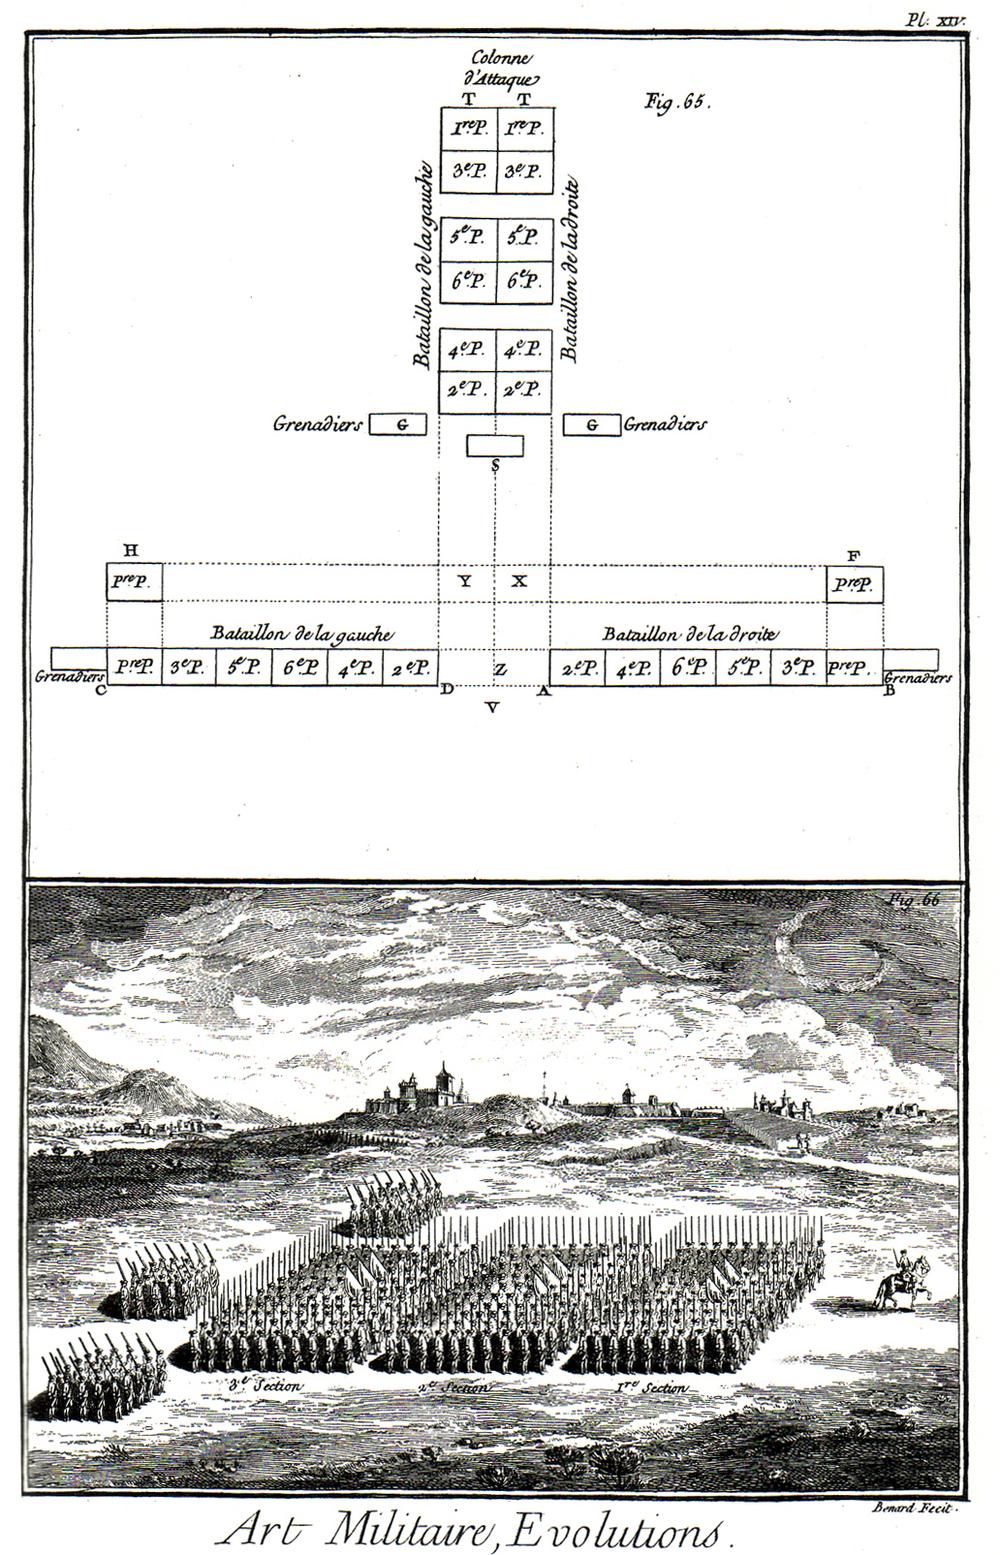 (2)  Art Militaire, Evolutions de l'infanterie  , Lámina 14 ©  Encyclopédie ou Dictionnaire raisonné des sciences, des arts et des métiers  Vol.1-Plates (París, 1762)